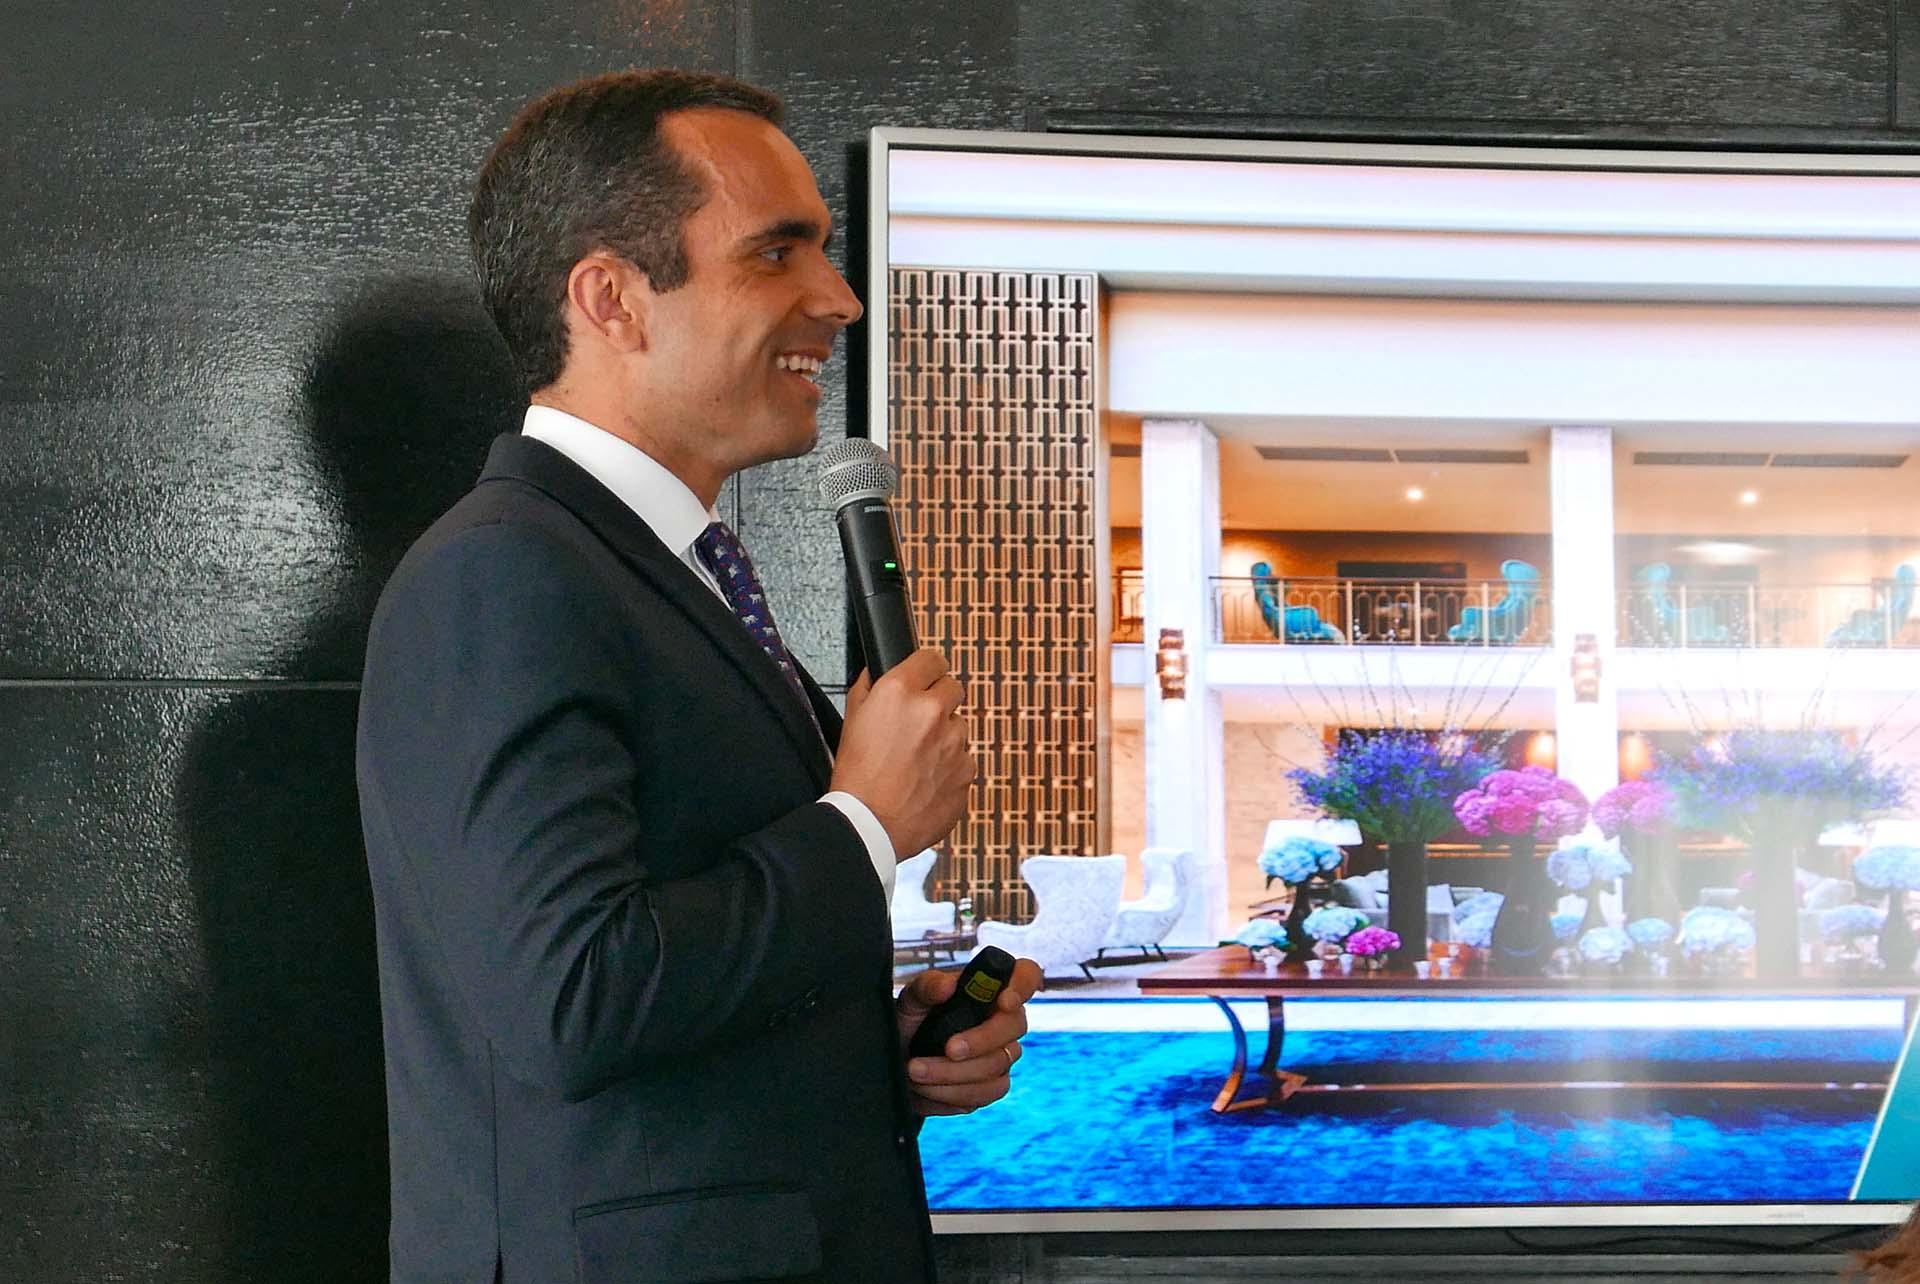 Miguel Garcia, diretor geral do Tivoli Avenida Liberdade